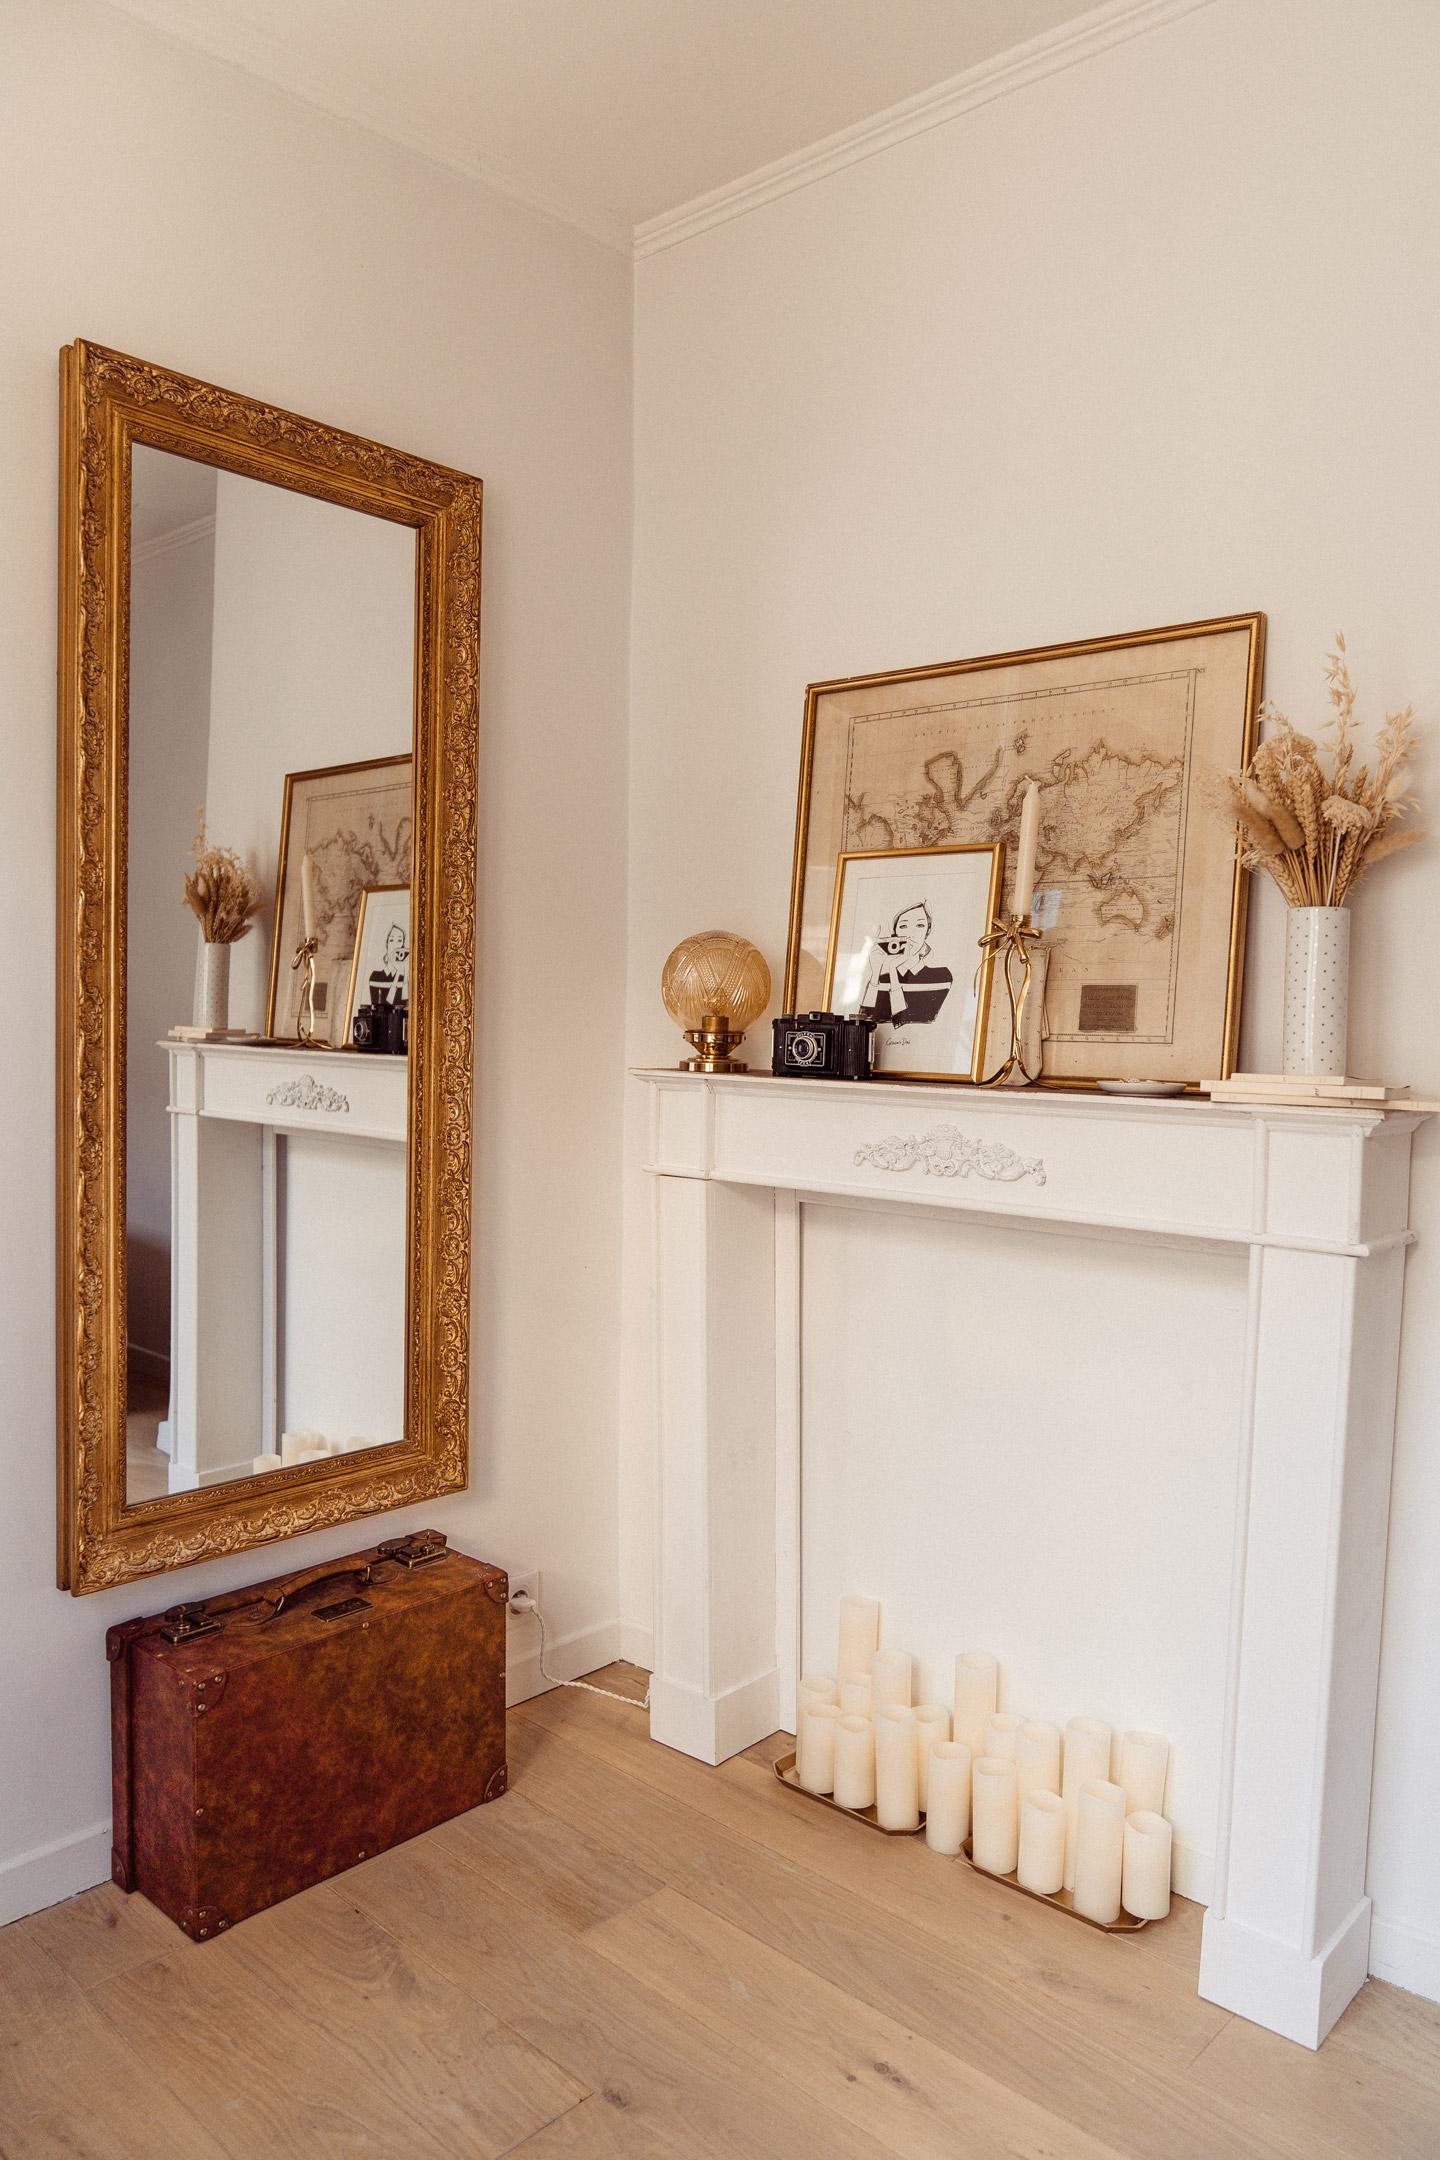 decoration-chambre-idee-deco-21